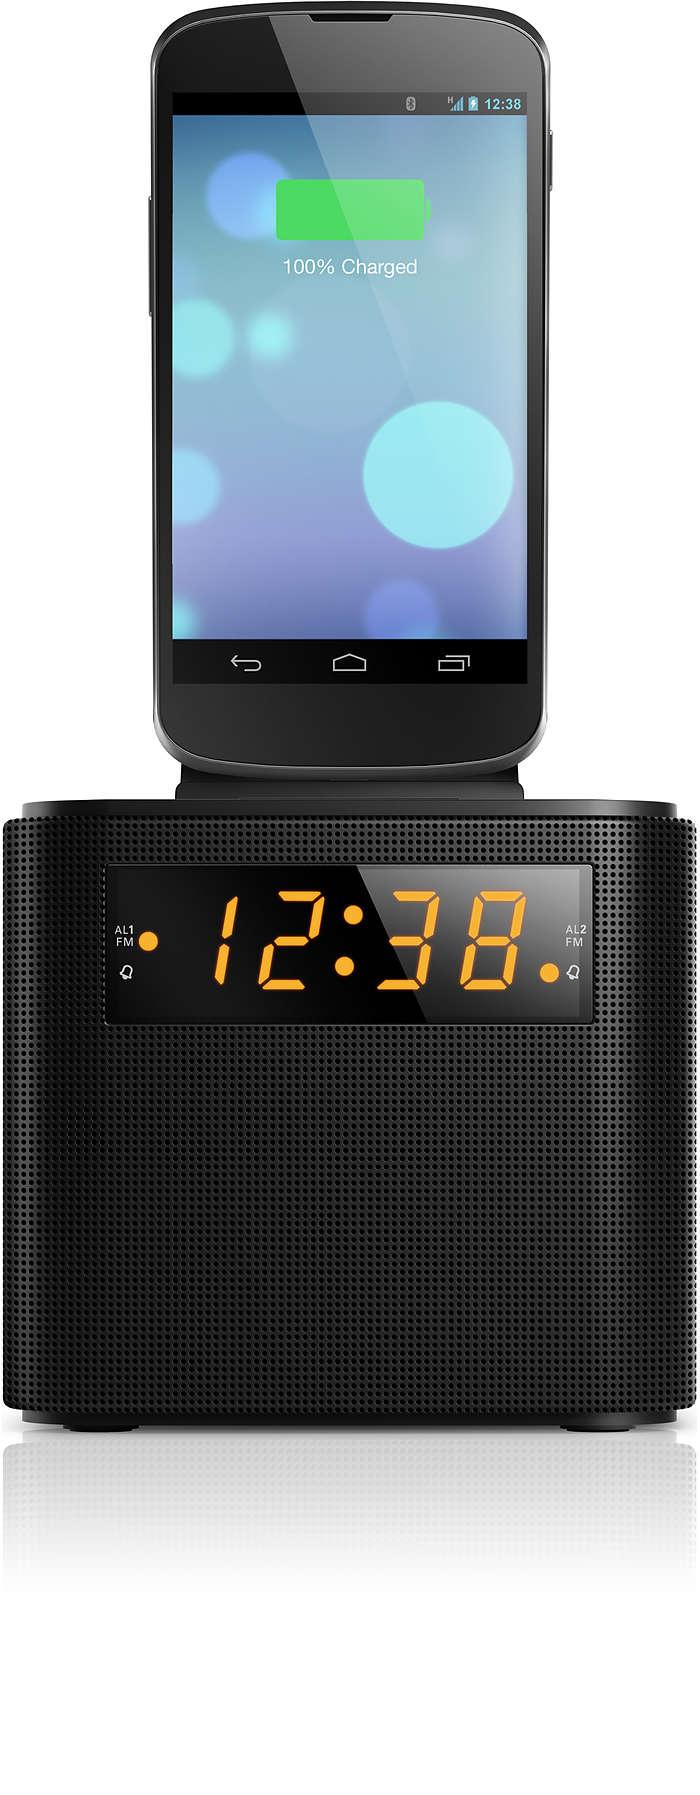 Réveillez-vous avec radioFM et téléphone complètement chargés